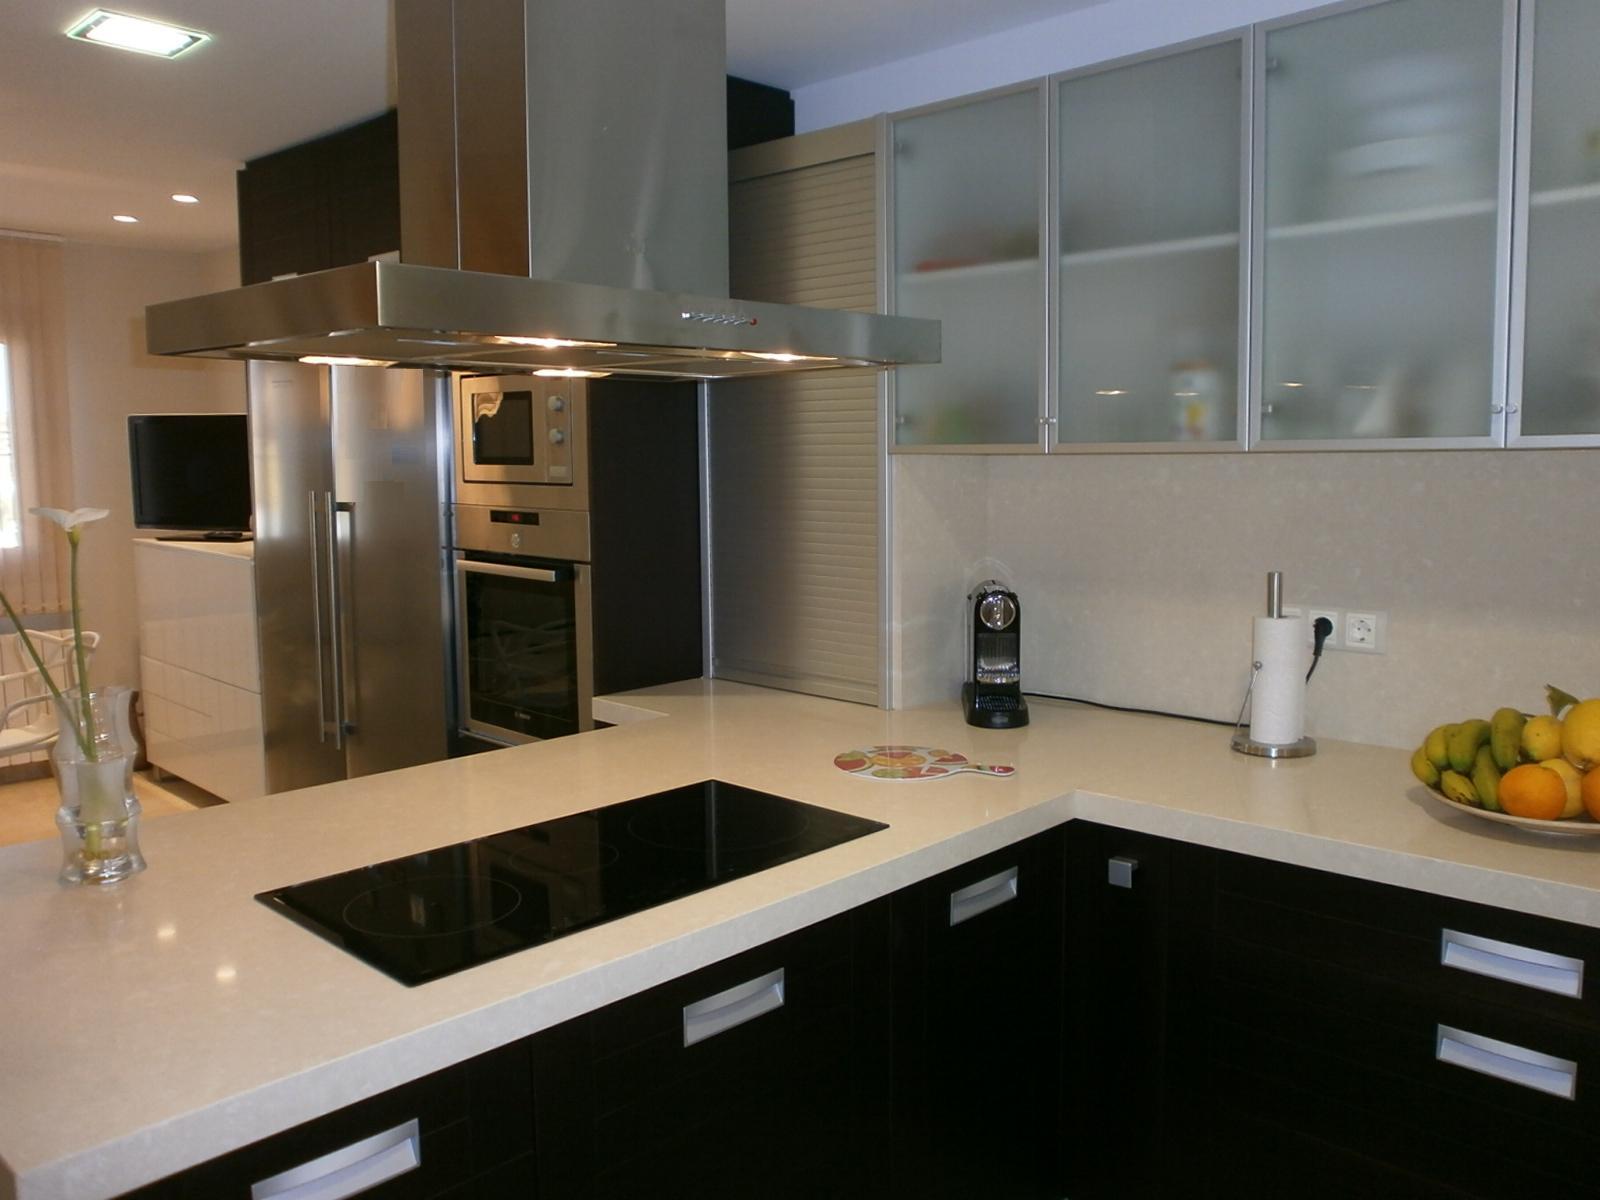 El wengu y la madera oscura en la cocina cocinas con estilo - Relojes para cocinas modernas ...